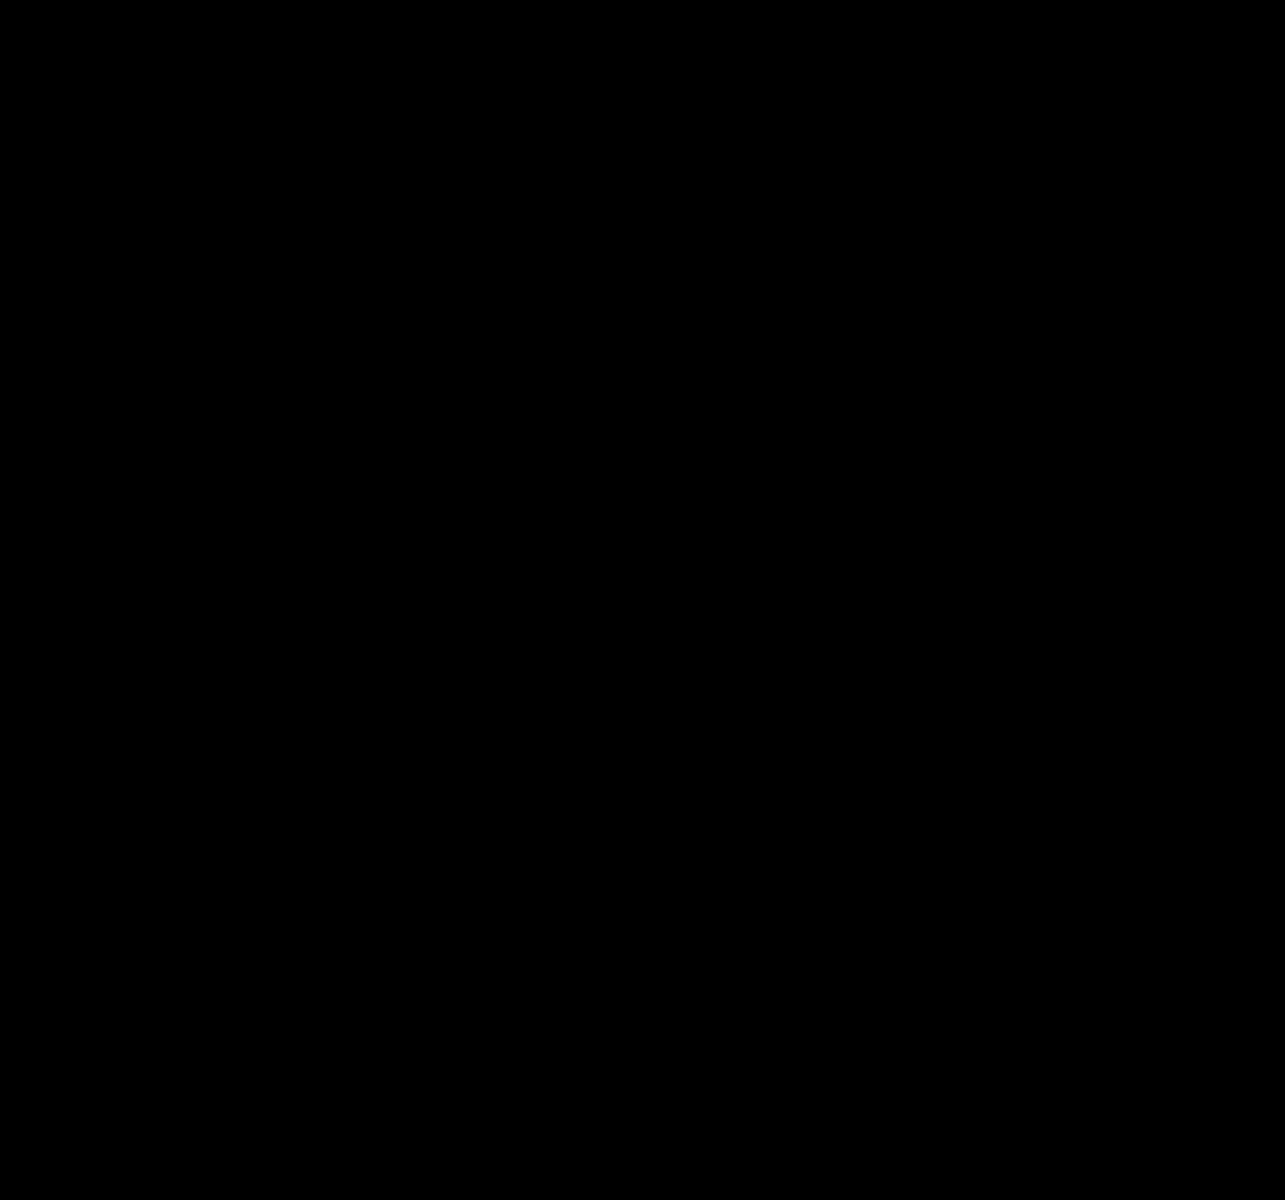 DB160769-5DC4-408D-AD1D-EE14434ECBAC